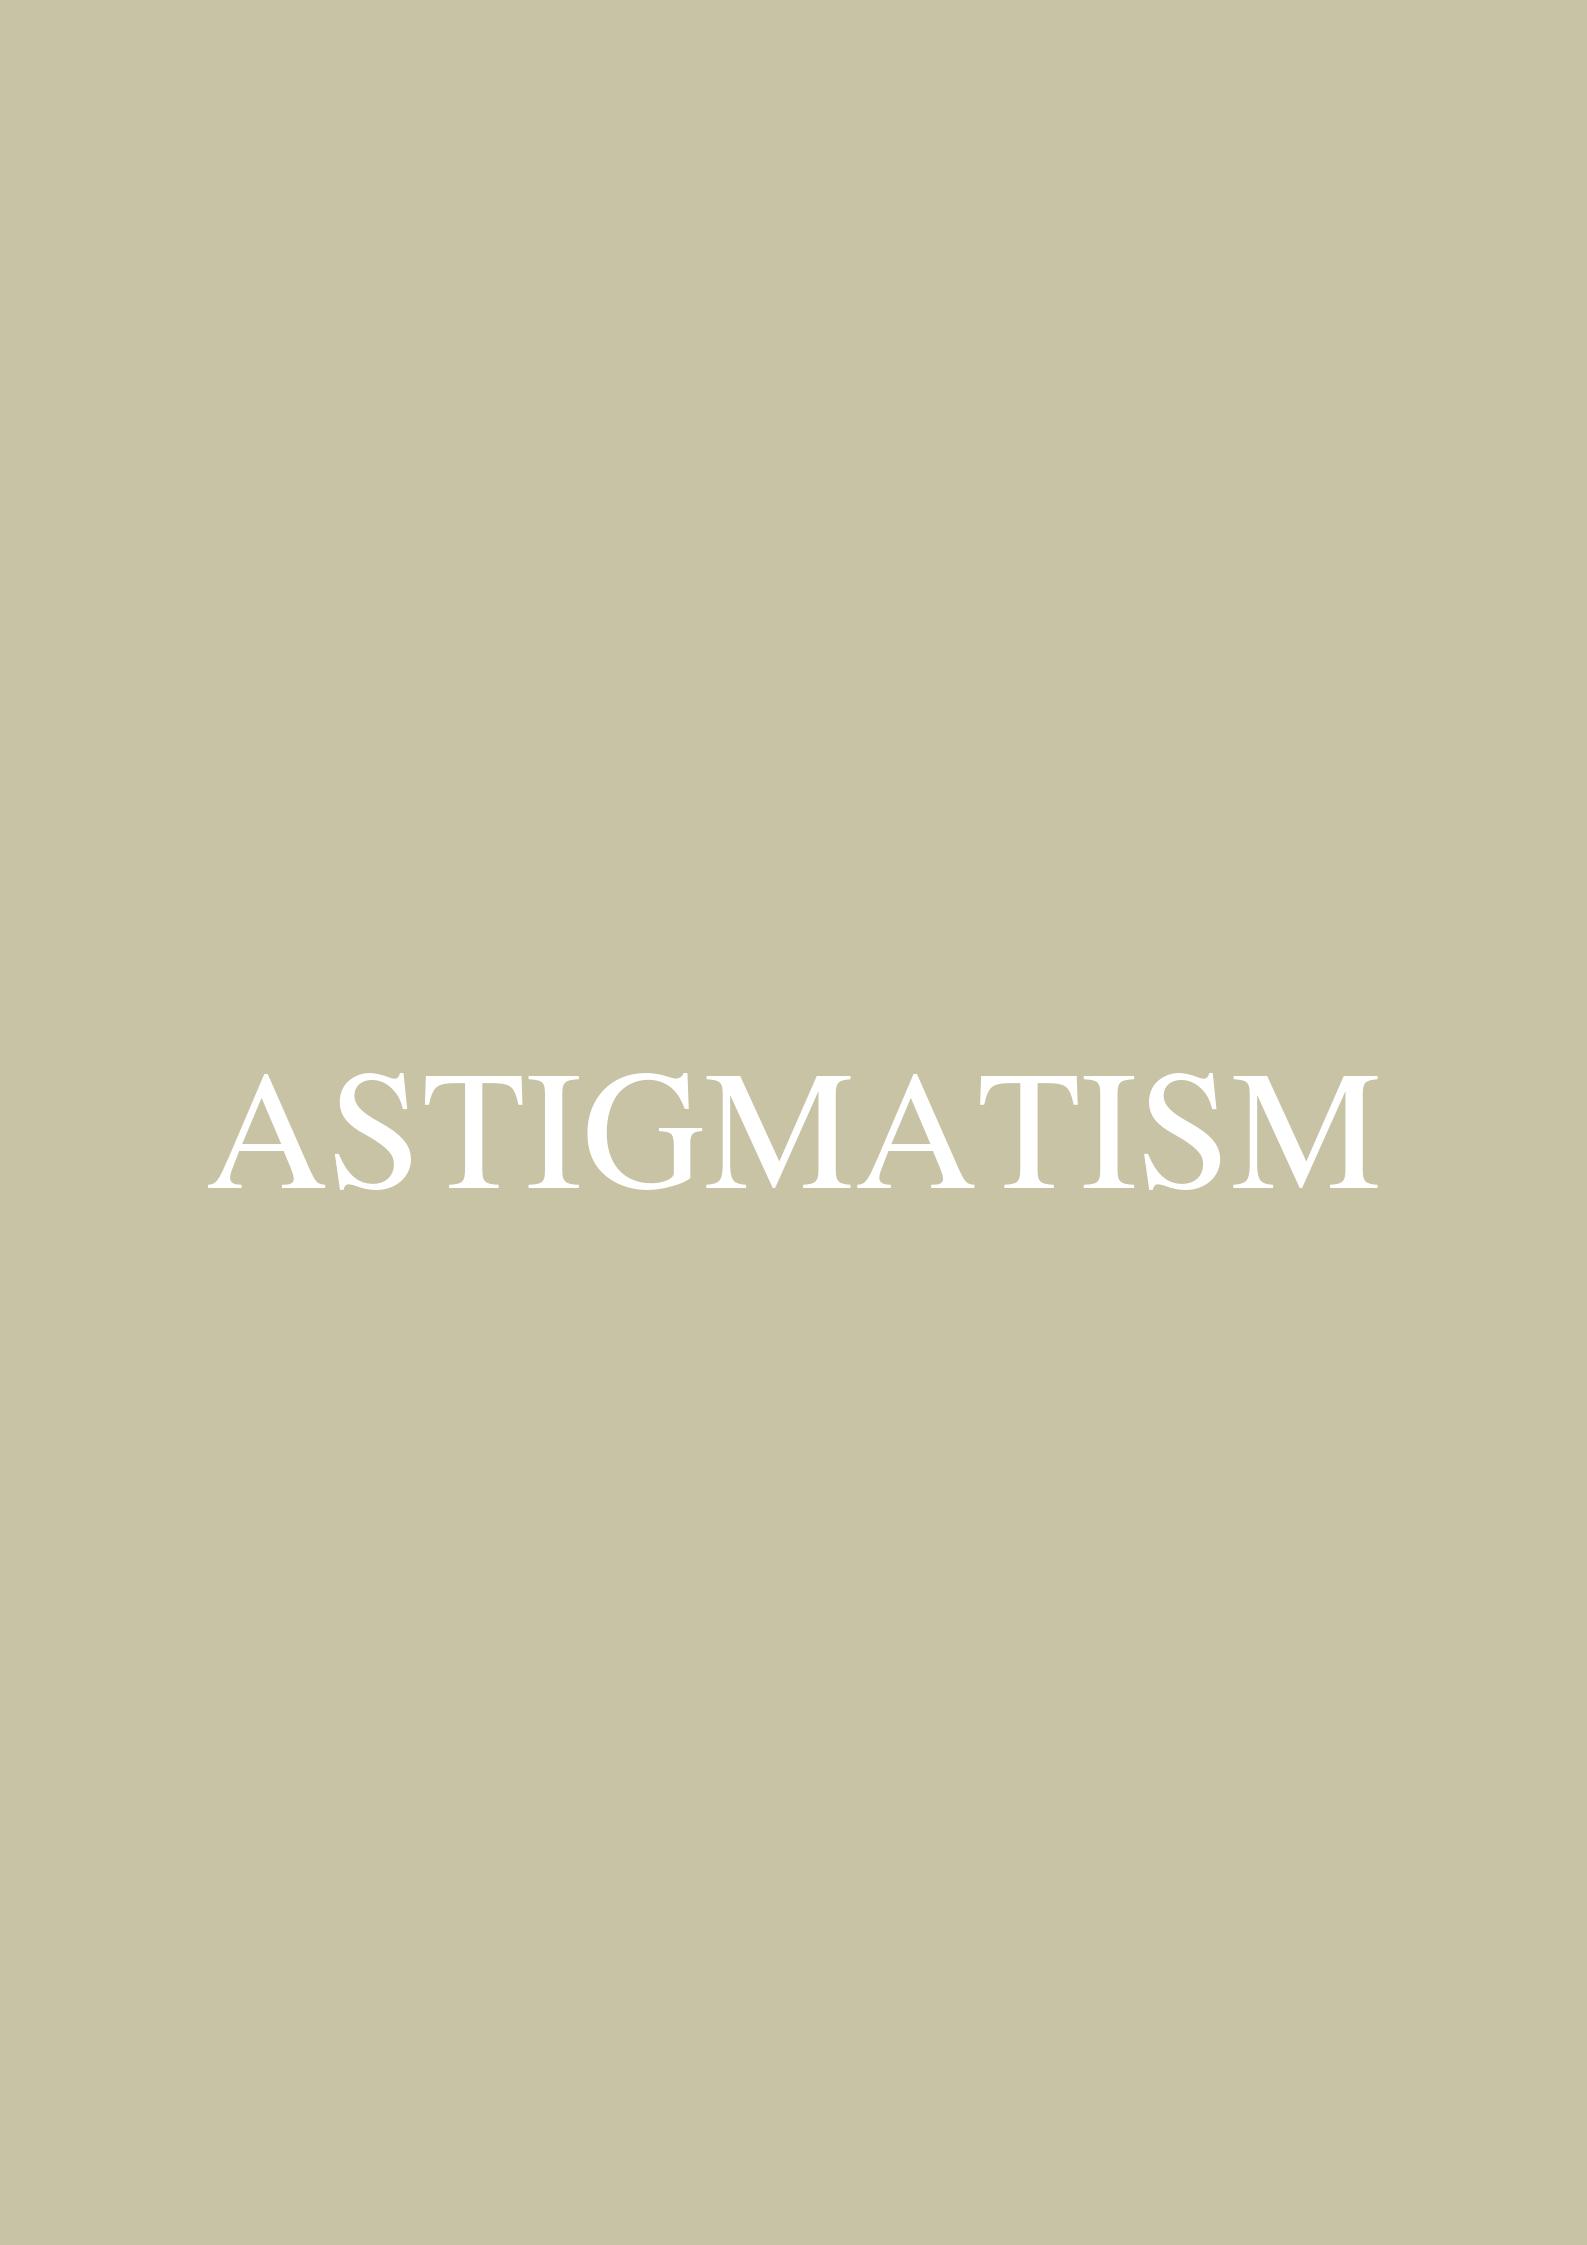 ASTIGMATISM.png